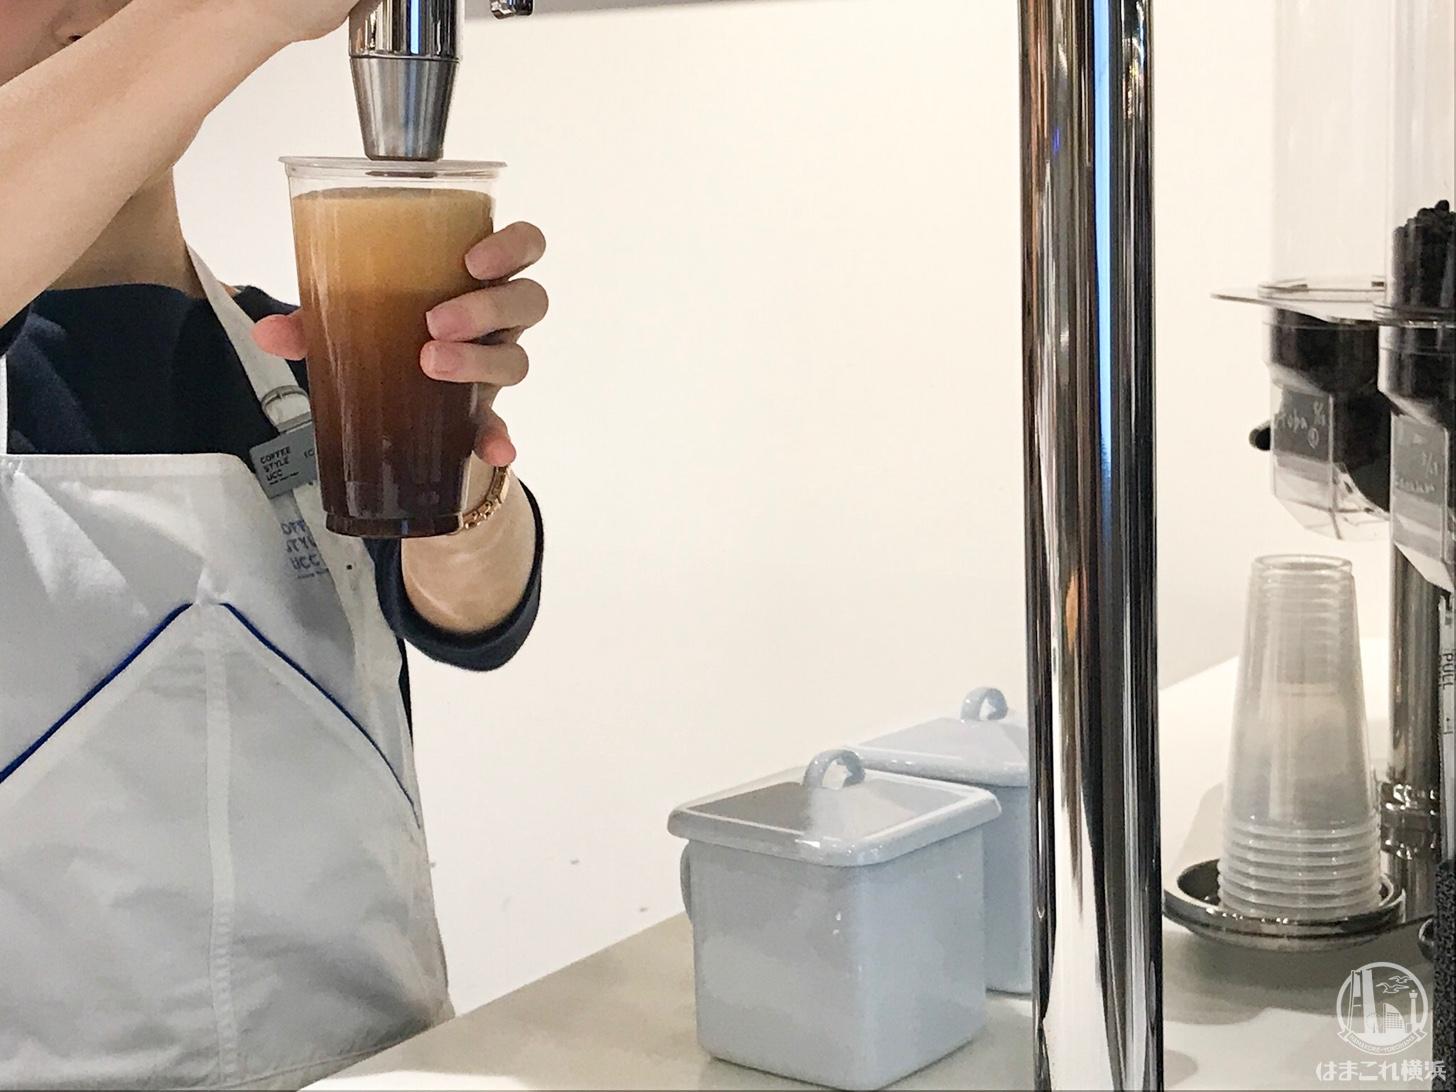 泡コーヒー アイスブリュードコーヒー サーバー